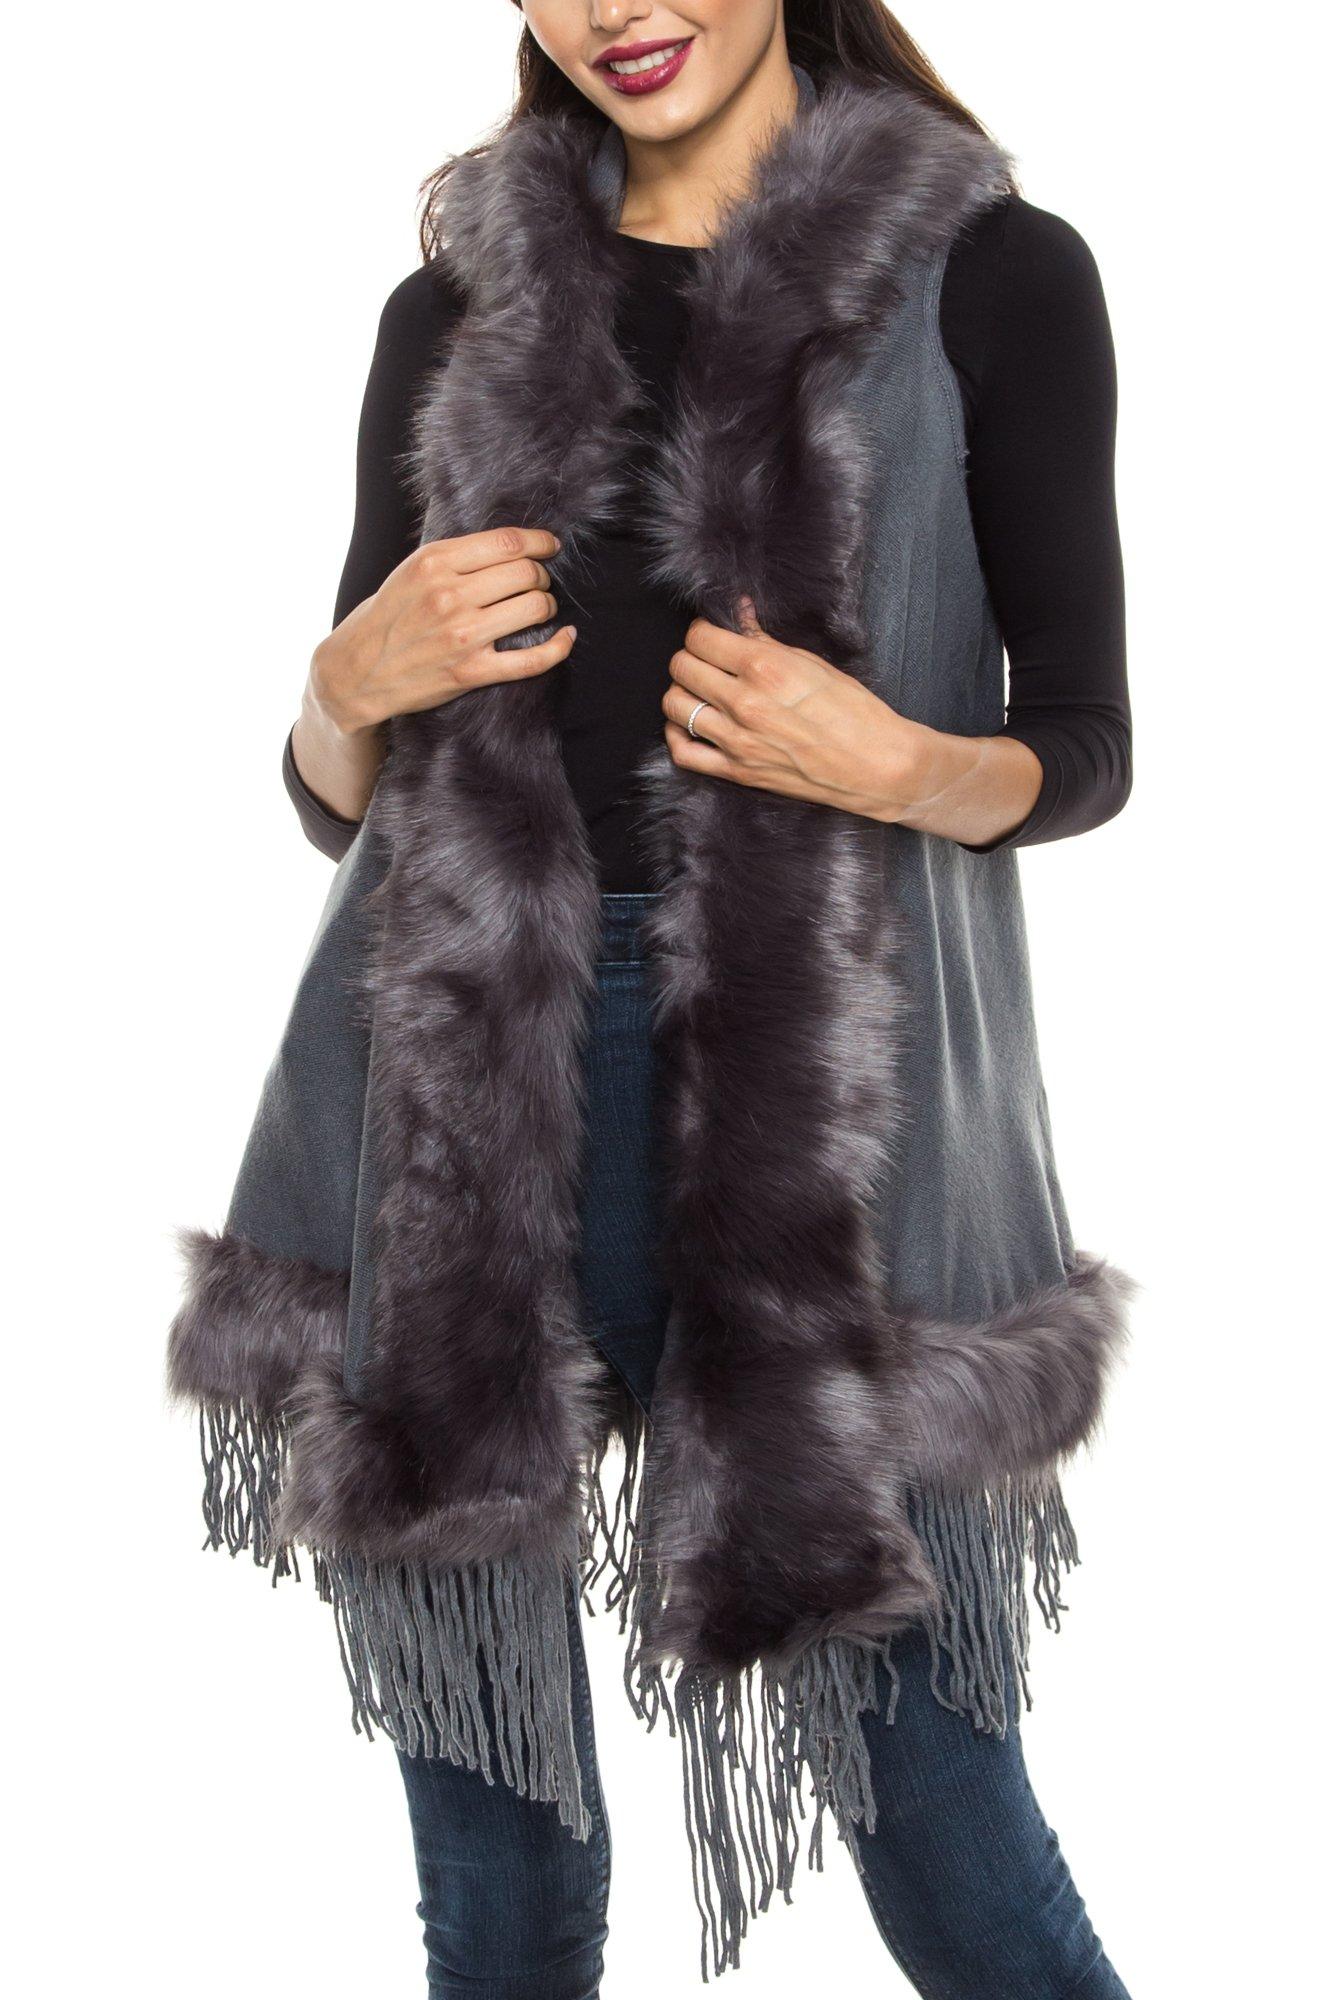 KAYLYN KAYDEN KLKD B002 Women's Faux Fur Hooded Open Front VestCardigan Grey One Size